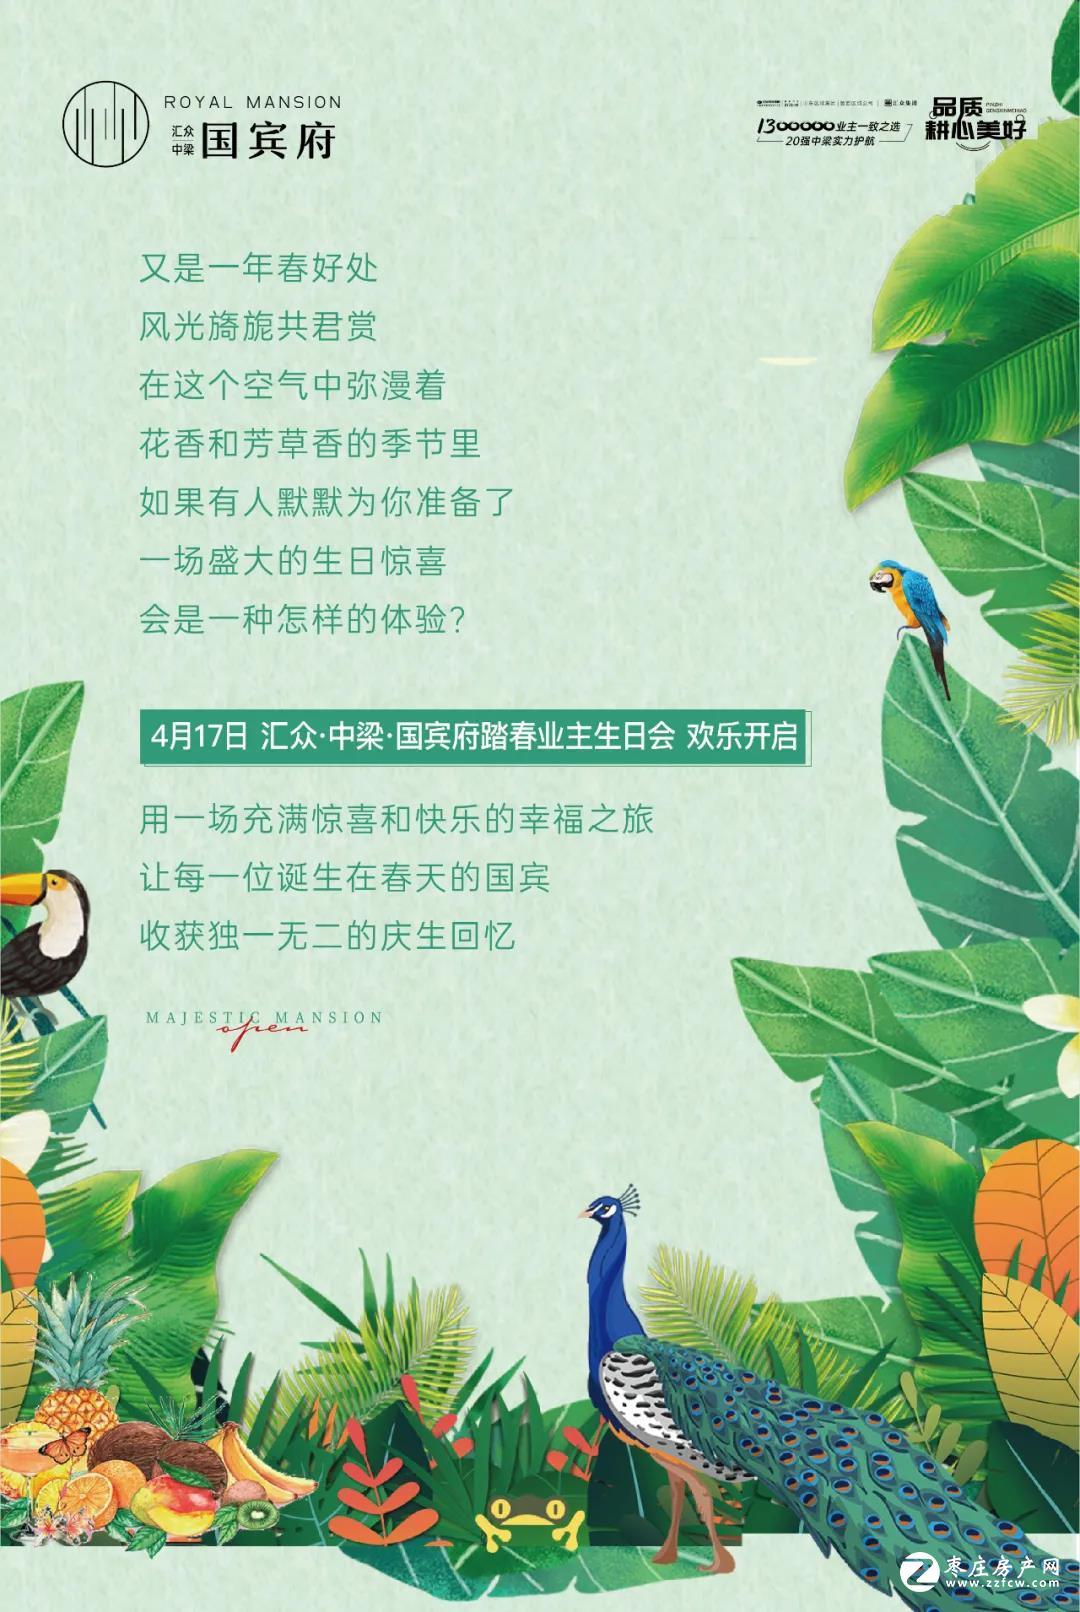 来自临沂动植物园的生日踏春邀请?!汇众·中梁·国宾府花式宠粉,你心动了吗?